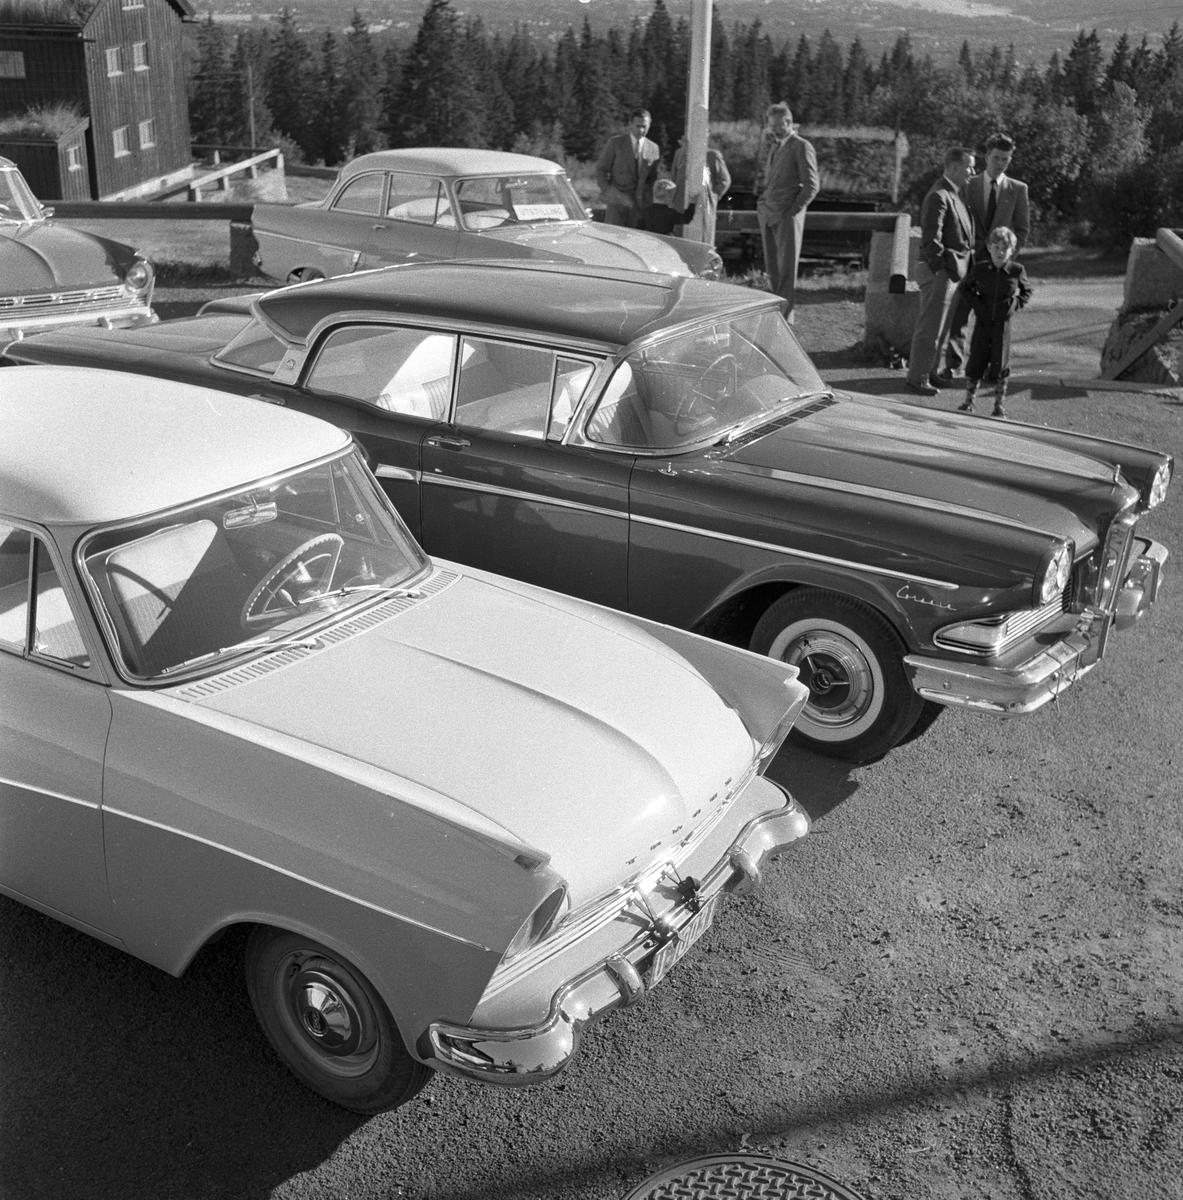 Serie. Bil. Ford Edsel og Taunus 17M. Fotografert september 1957.